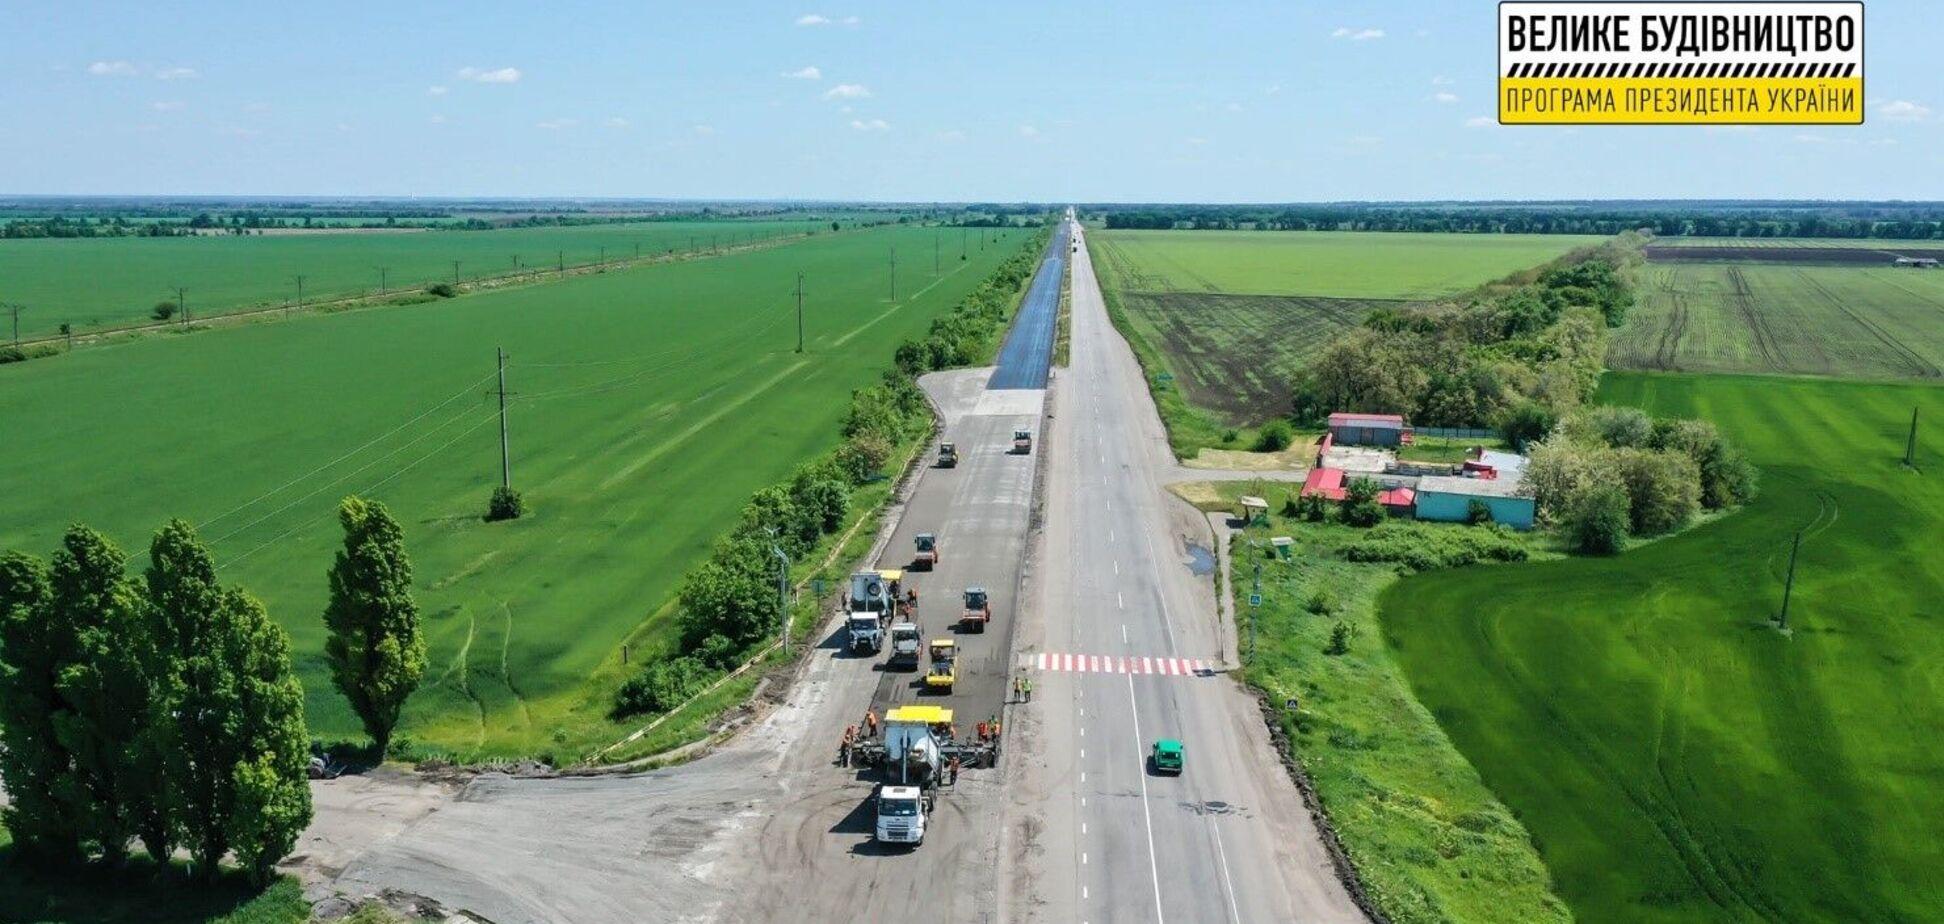 В сети показали ремонт трассы М-04 Знаменка - Луганск - Изварино